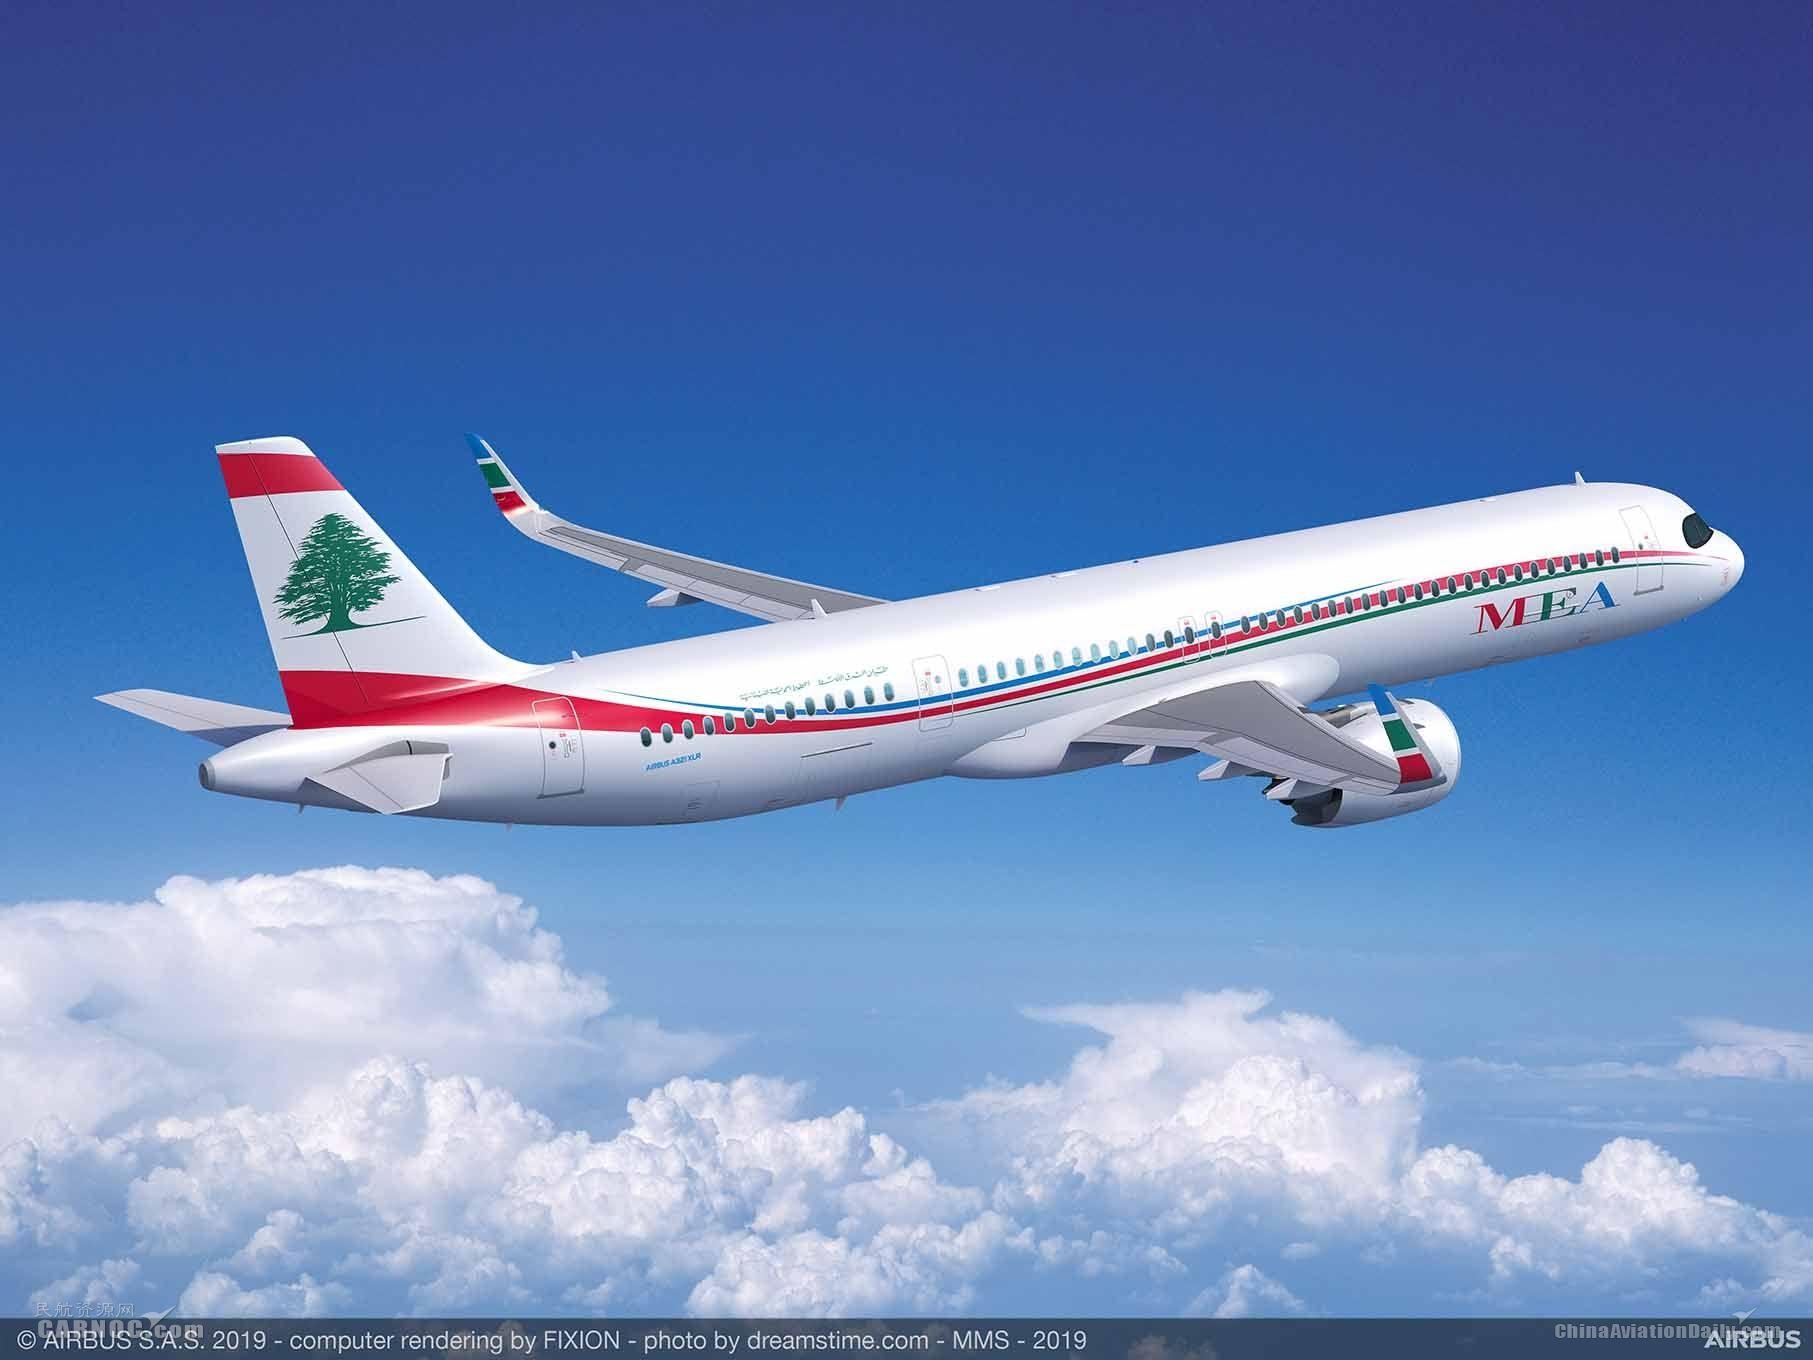 中东航空订购4架空客超远程型A321XLR飞机